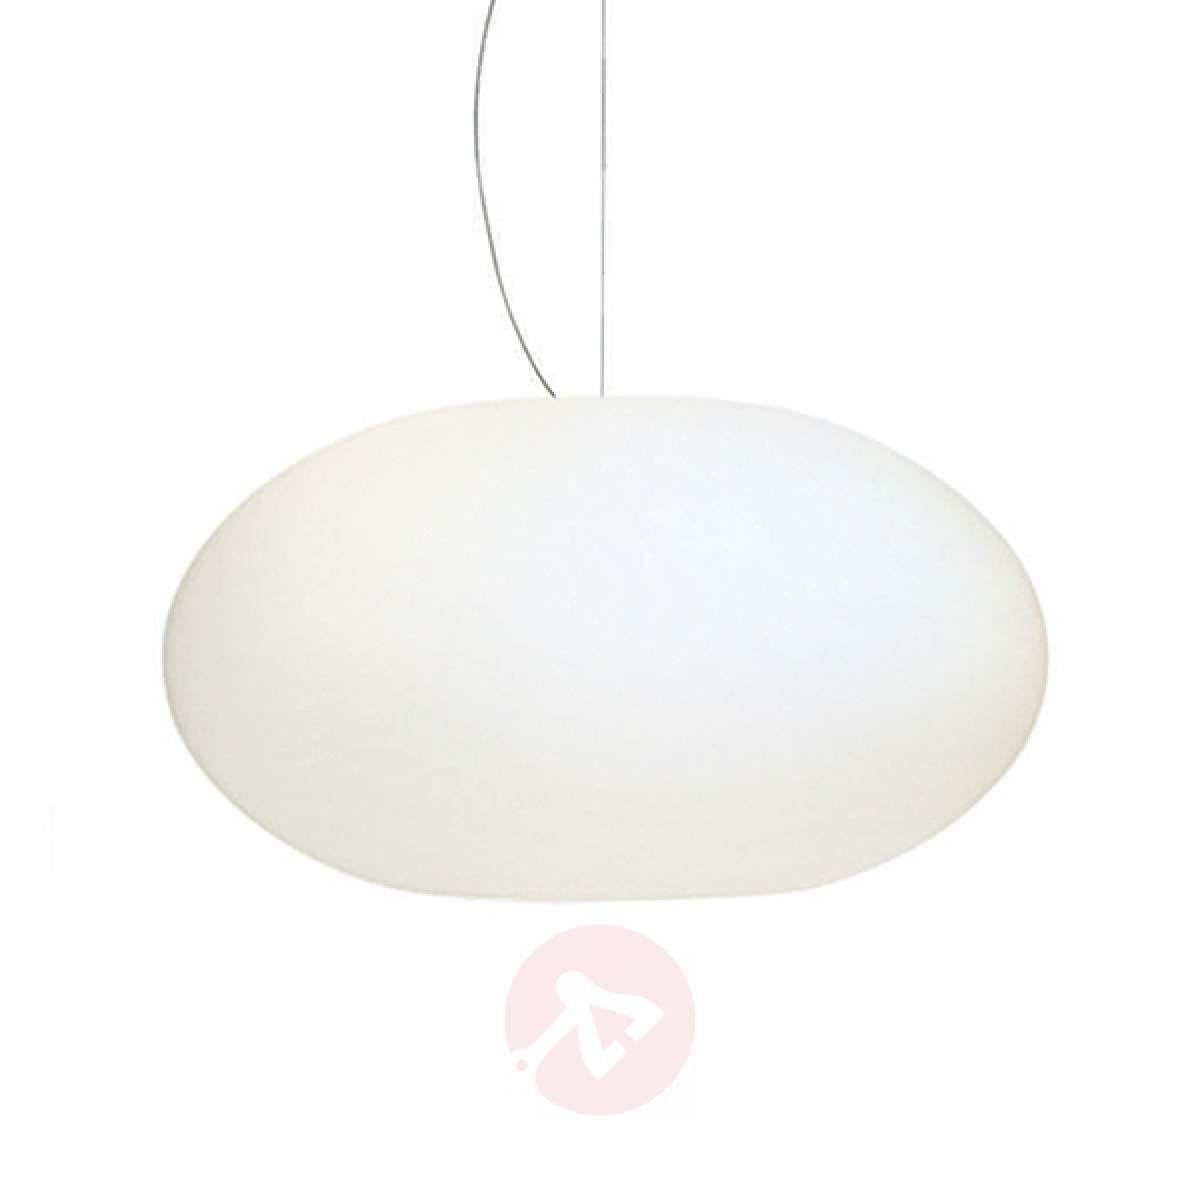 Szklana Lampa Wisząca Aih 38 Cm Biała Lampy Wiszące In